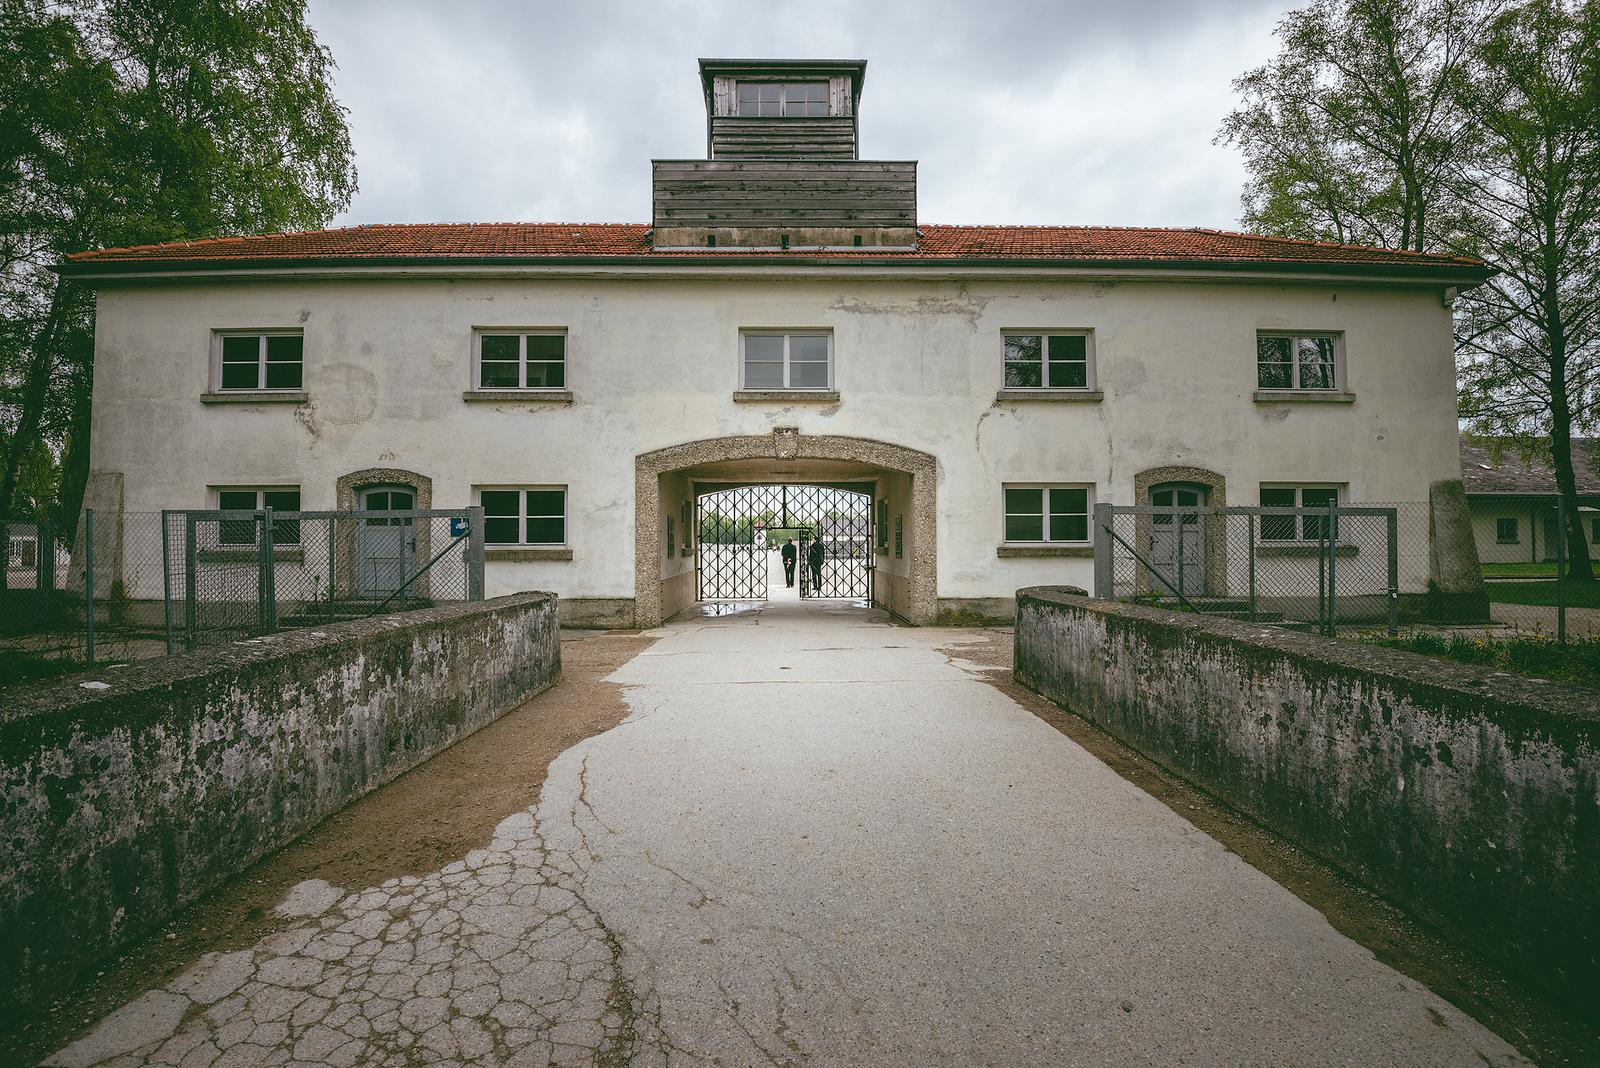 德國 達考集中營 歷史介紹與旅行建議